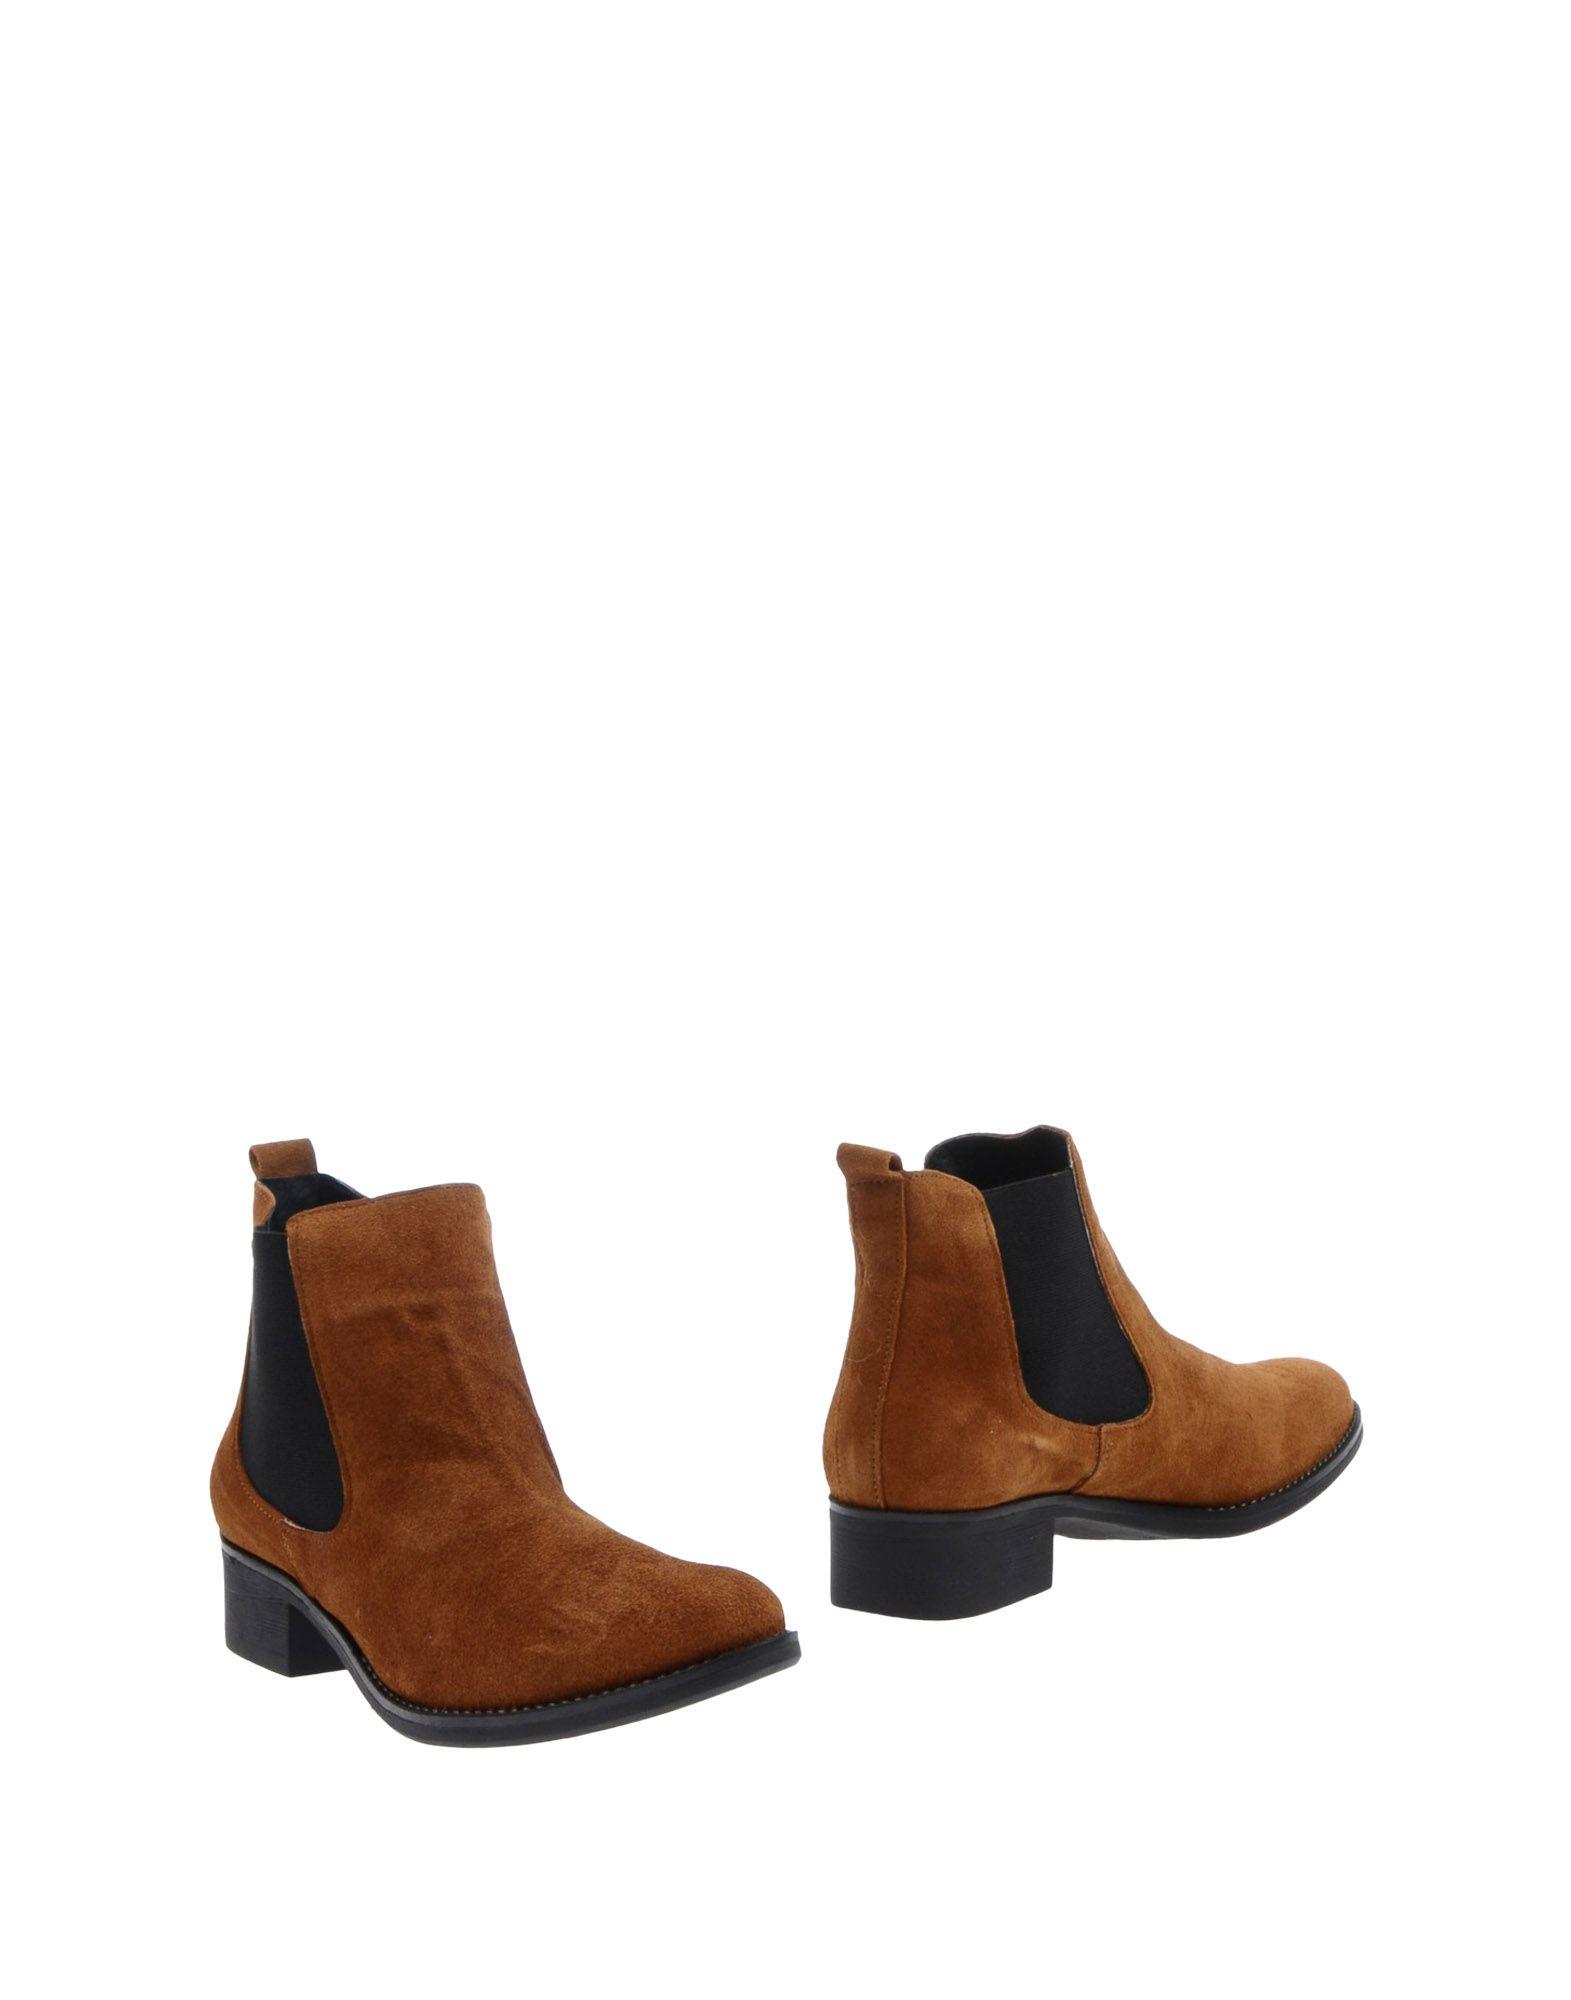 CUPLÉ Полусапоги и высокие ботинки купить футбольную форму челси торрес